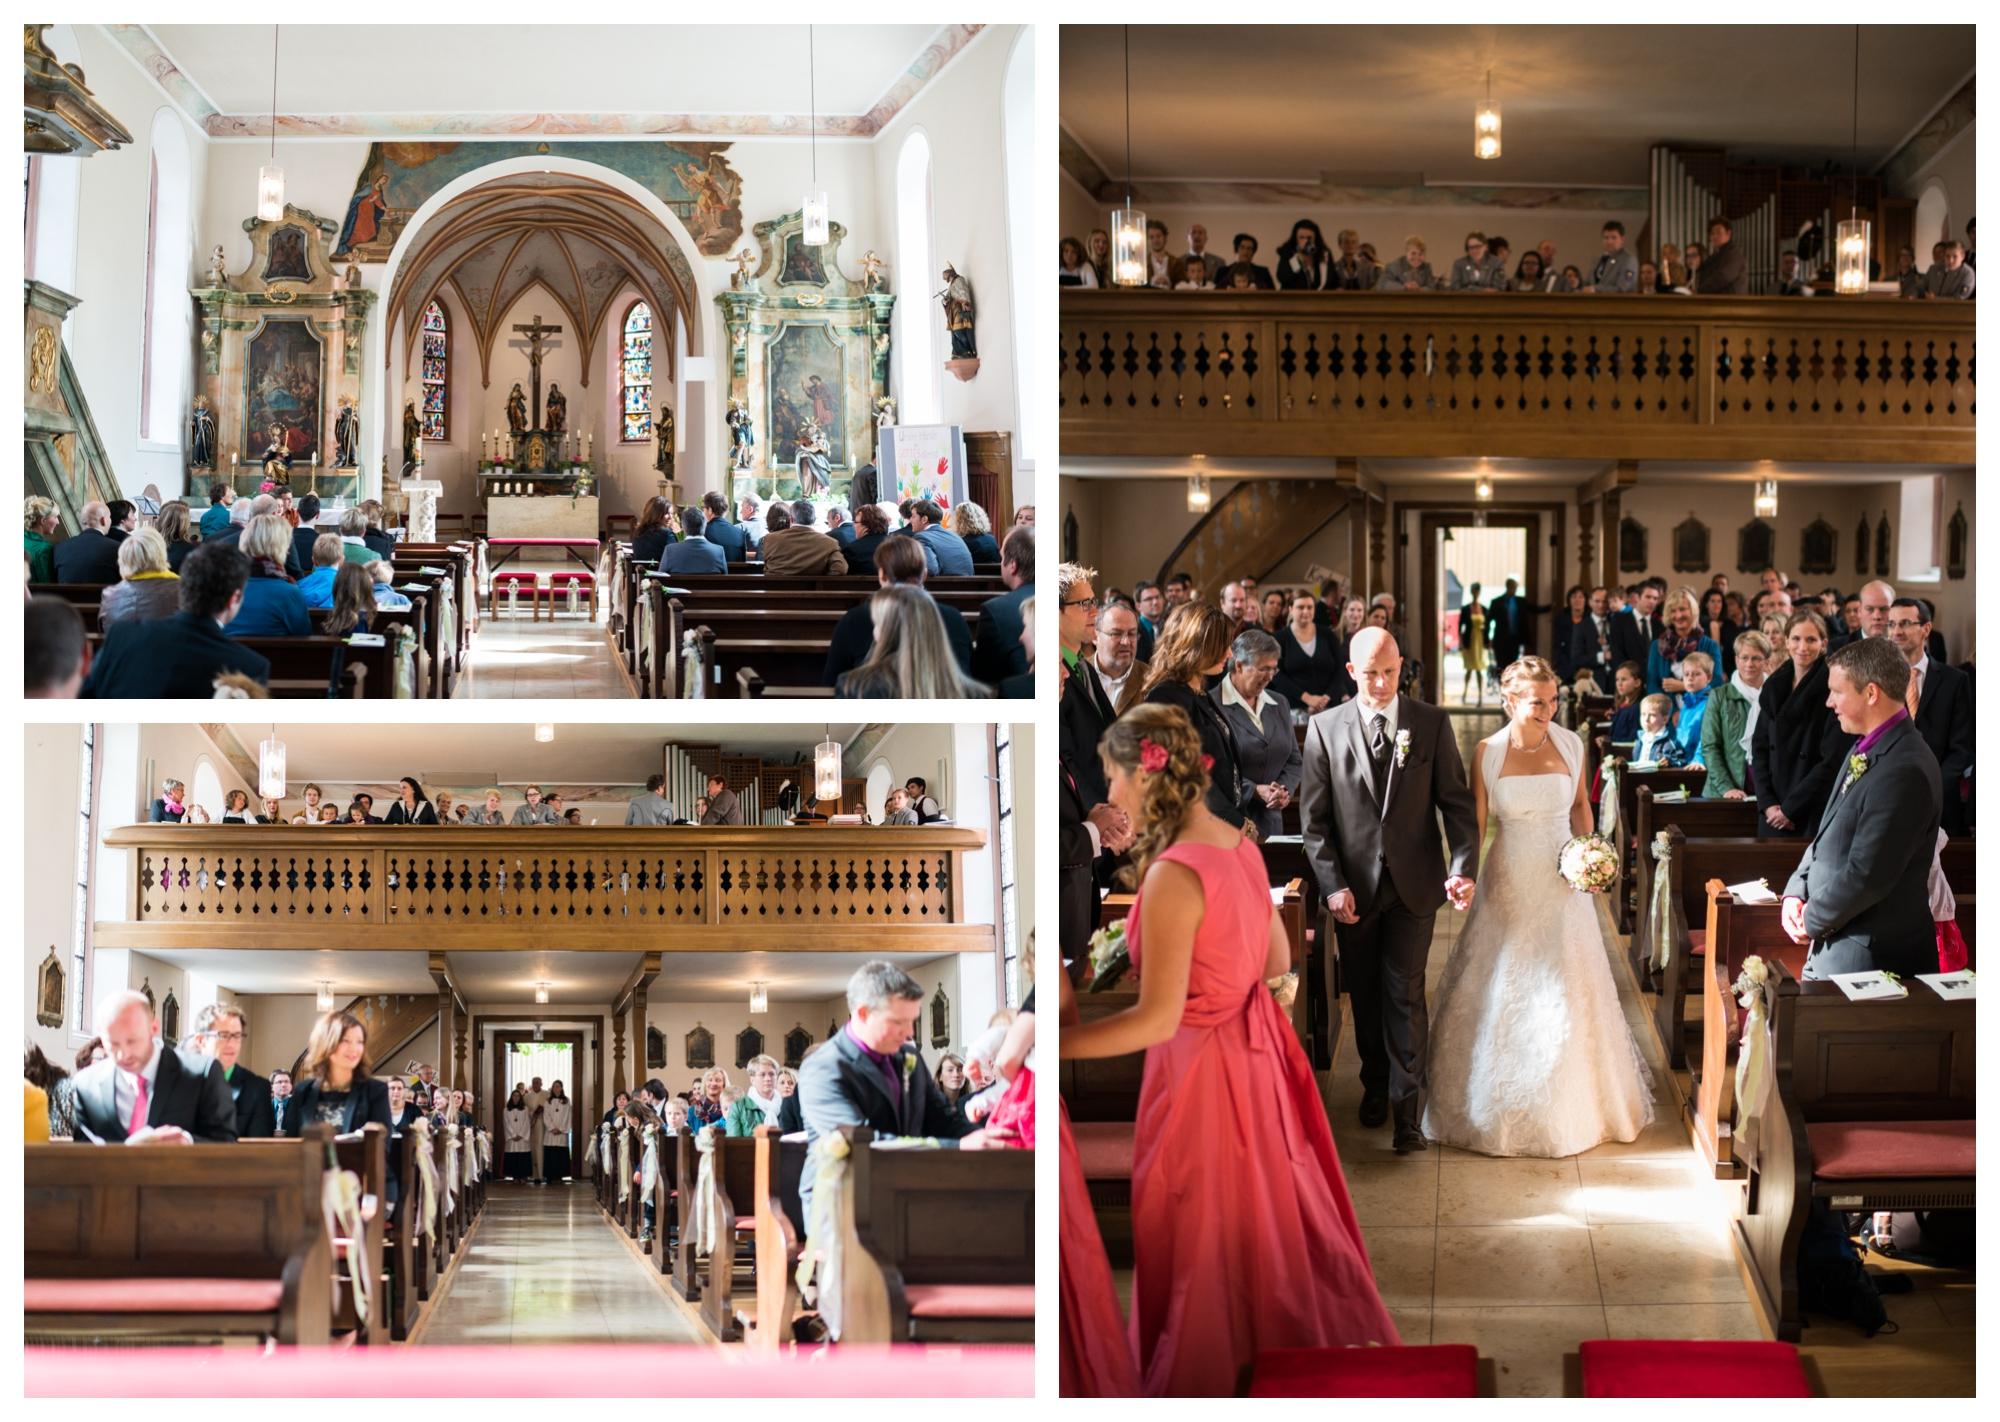 Fotograf Konstanz - 2013 12 09 0014 - Als Hochzeitsfotograf in Bad Dürrheim unterwegs  - 29 -